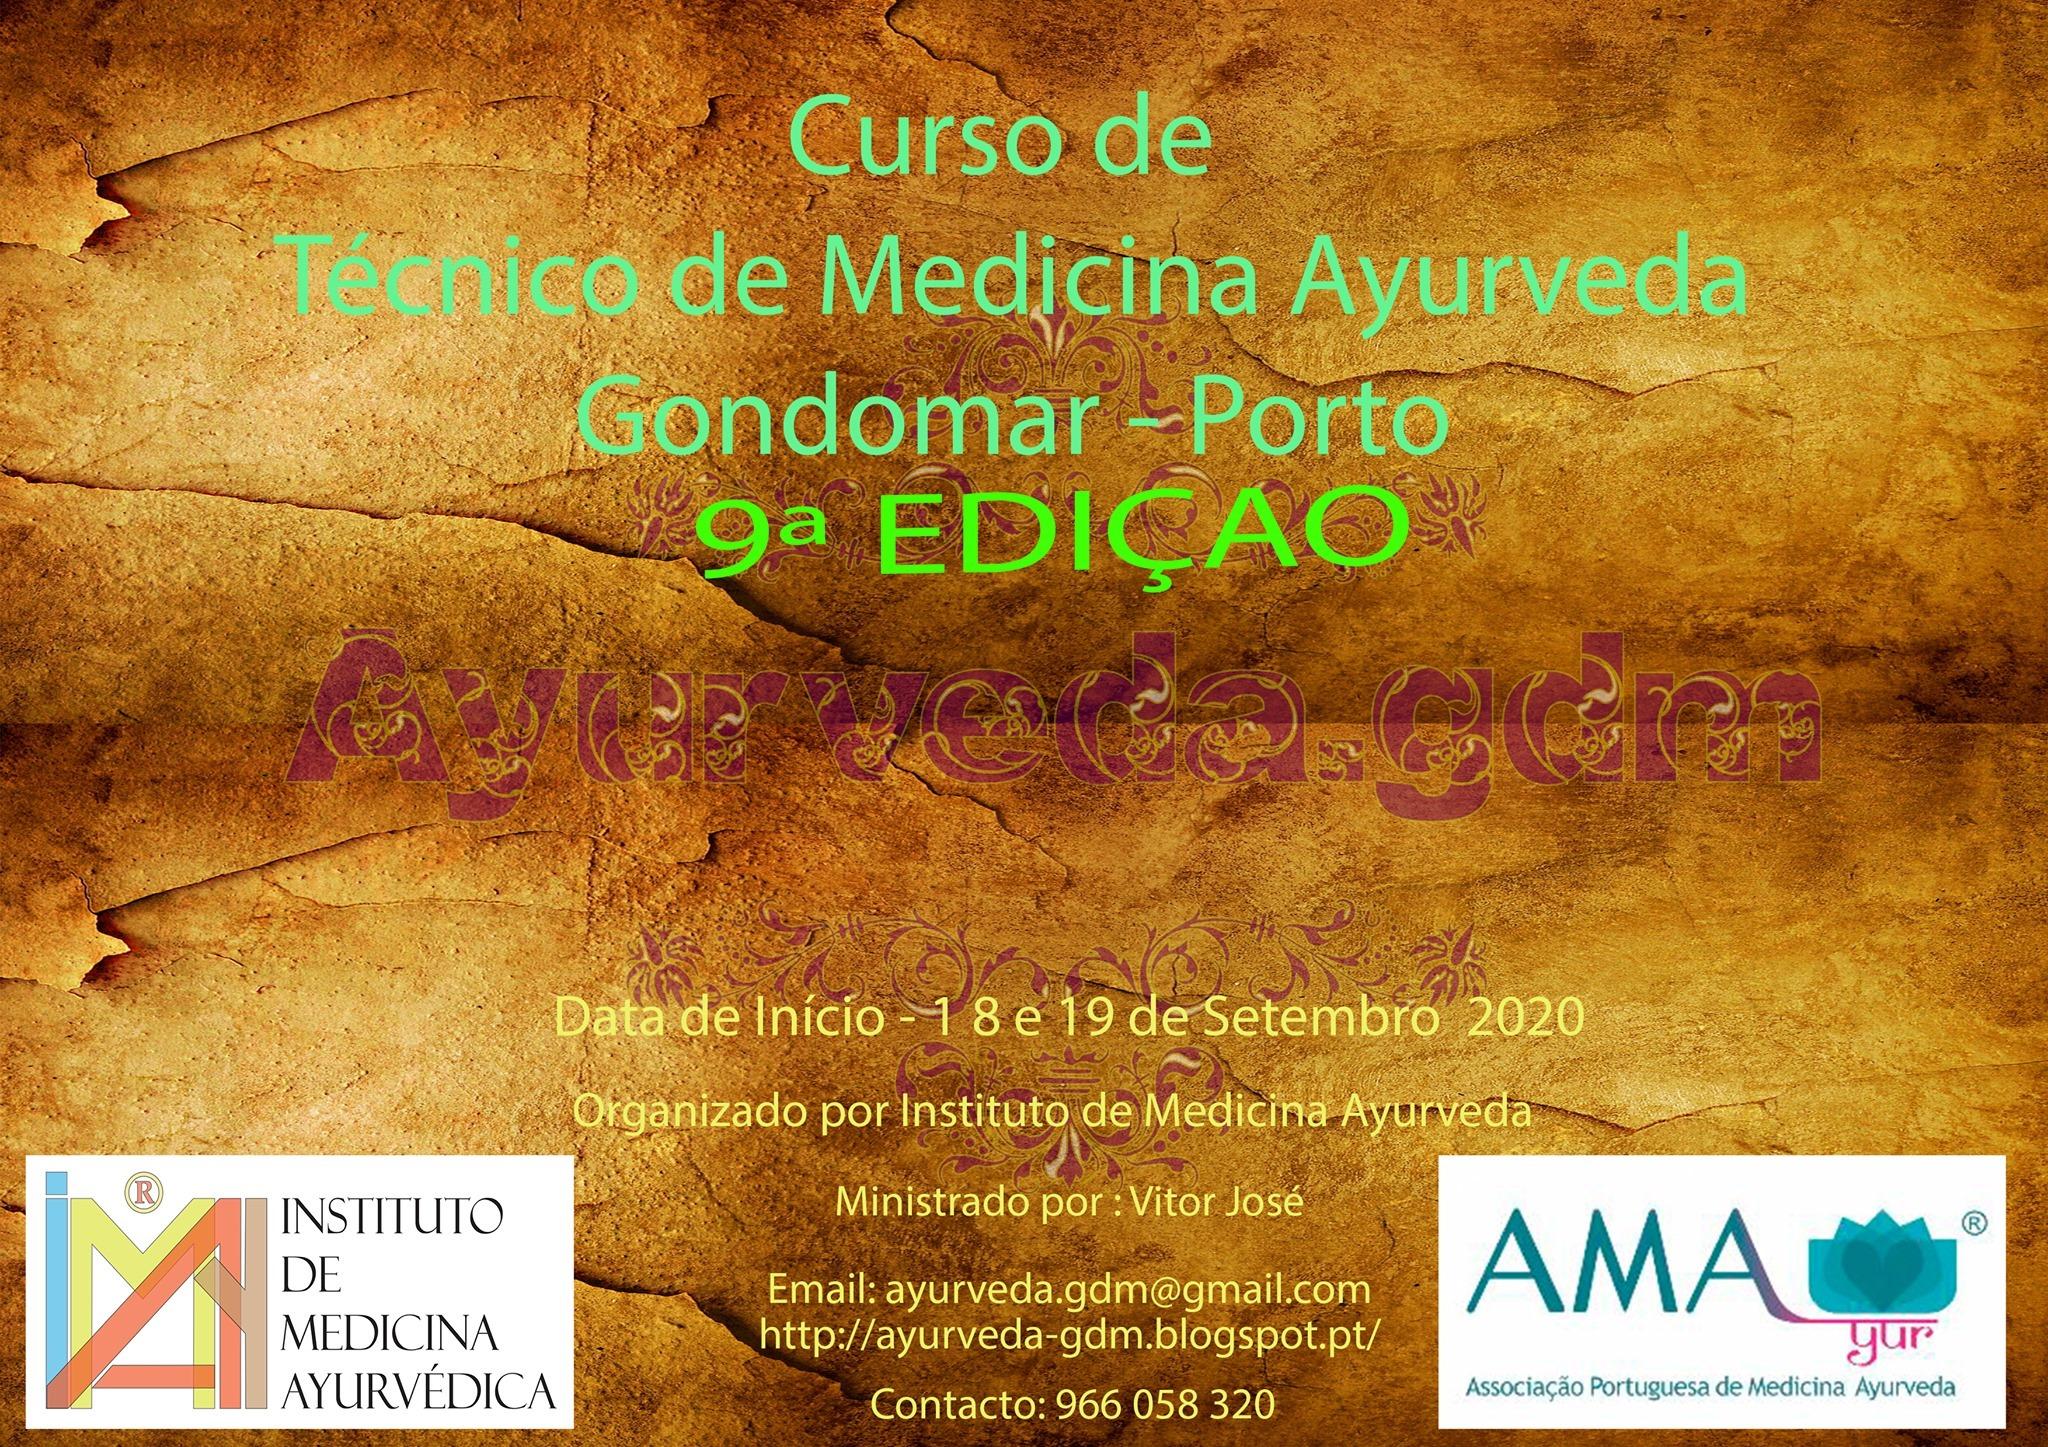 curso de Técnico de Medicina Ayurveda